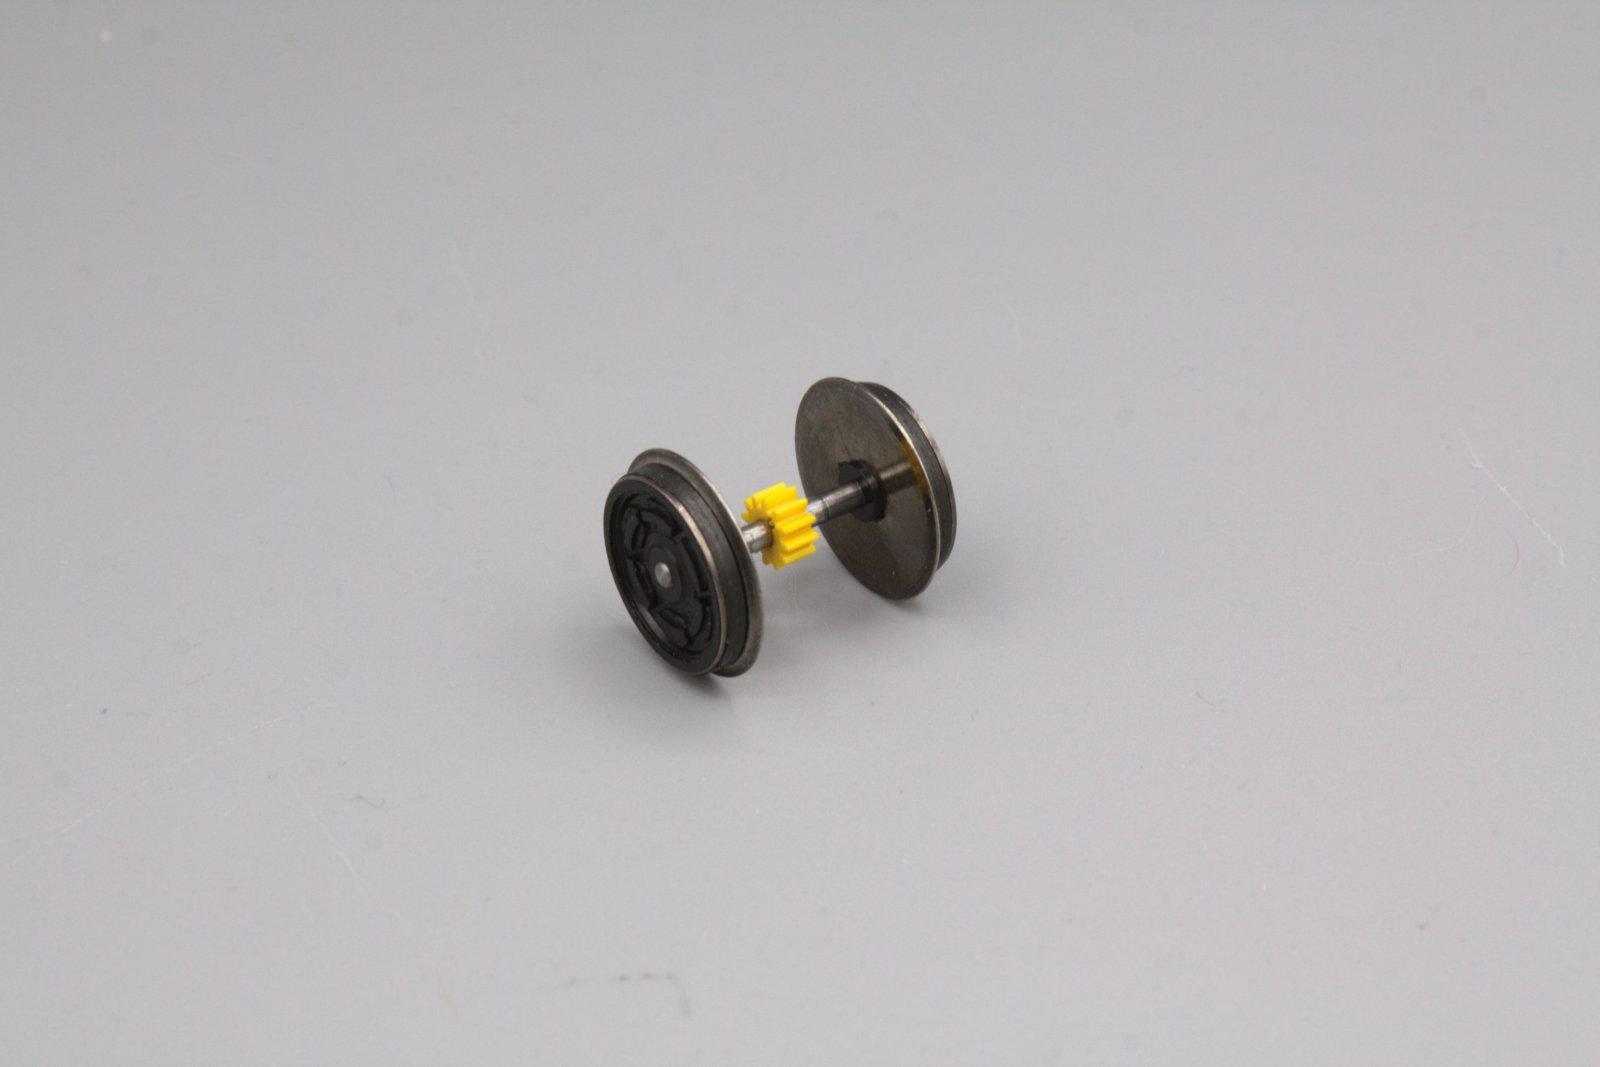 Ersatzteil Roco 140 / 110 u.a Radsatz m. gelben mittigem Zahnrad m. 2 Haftreifen